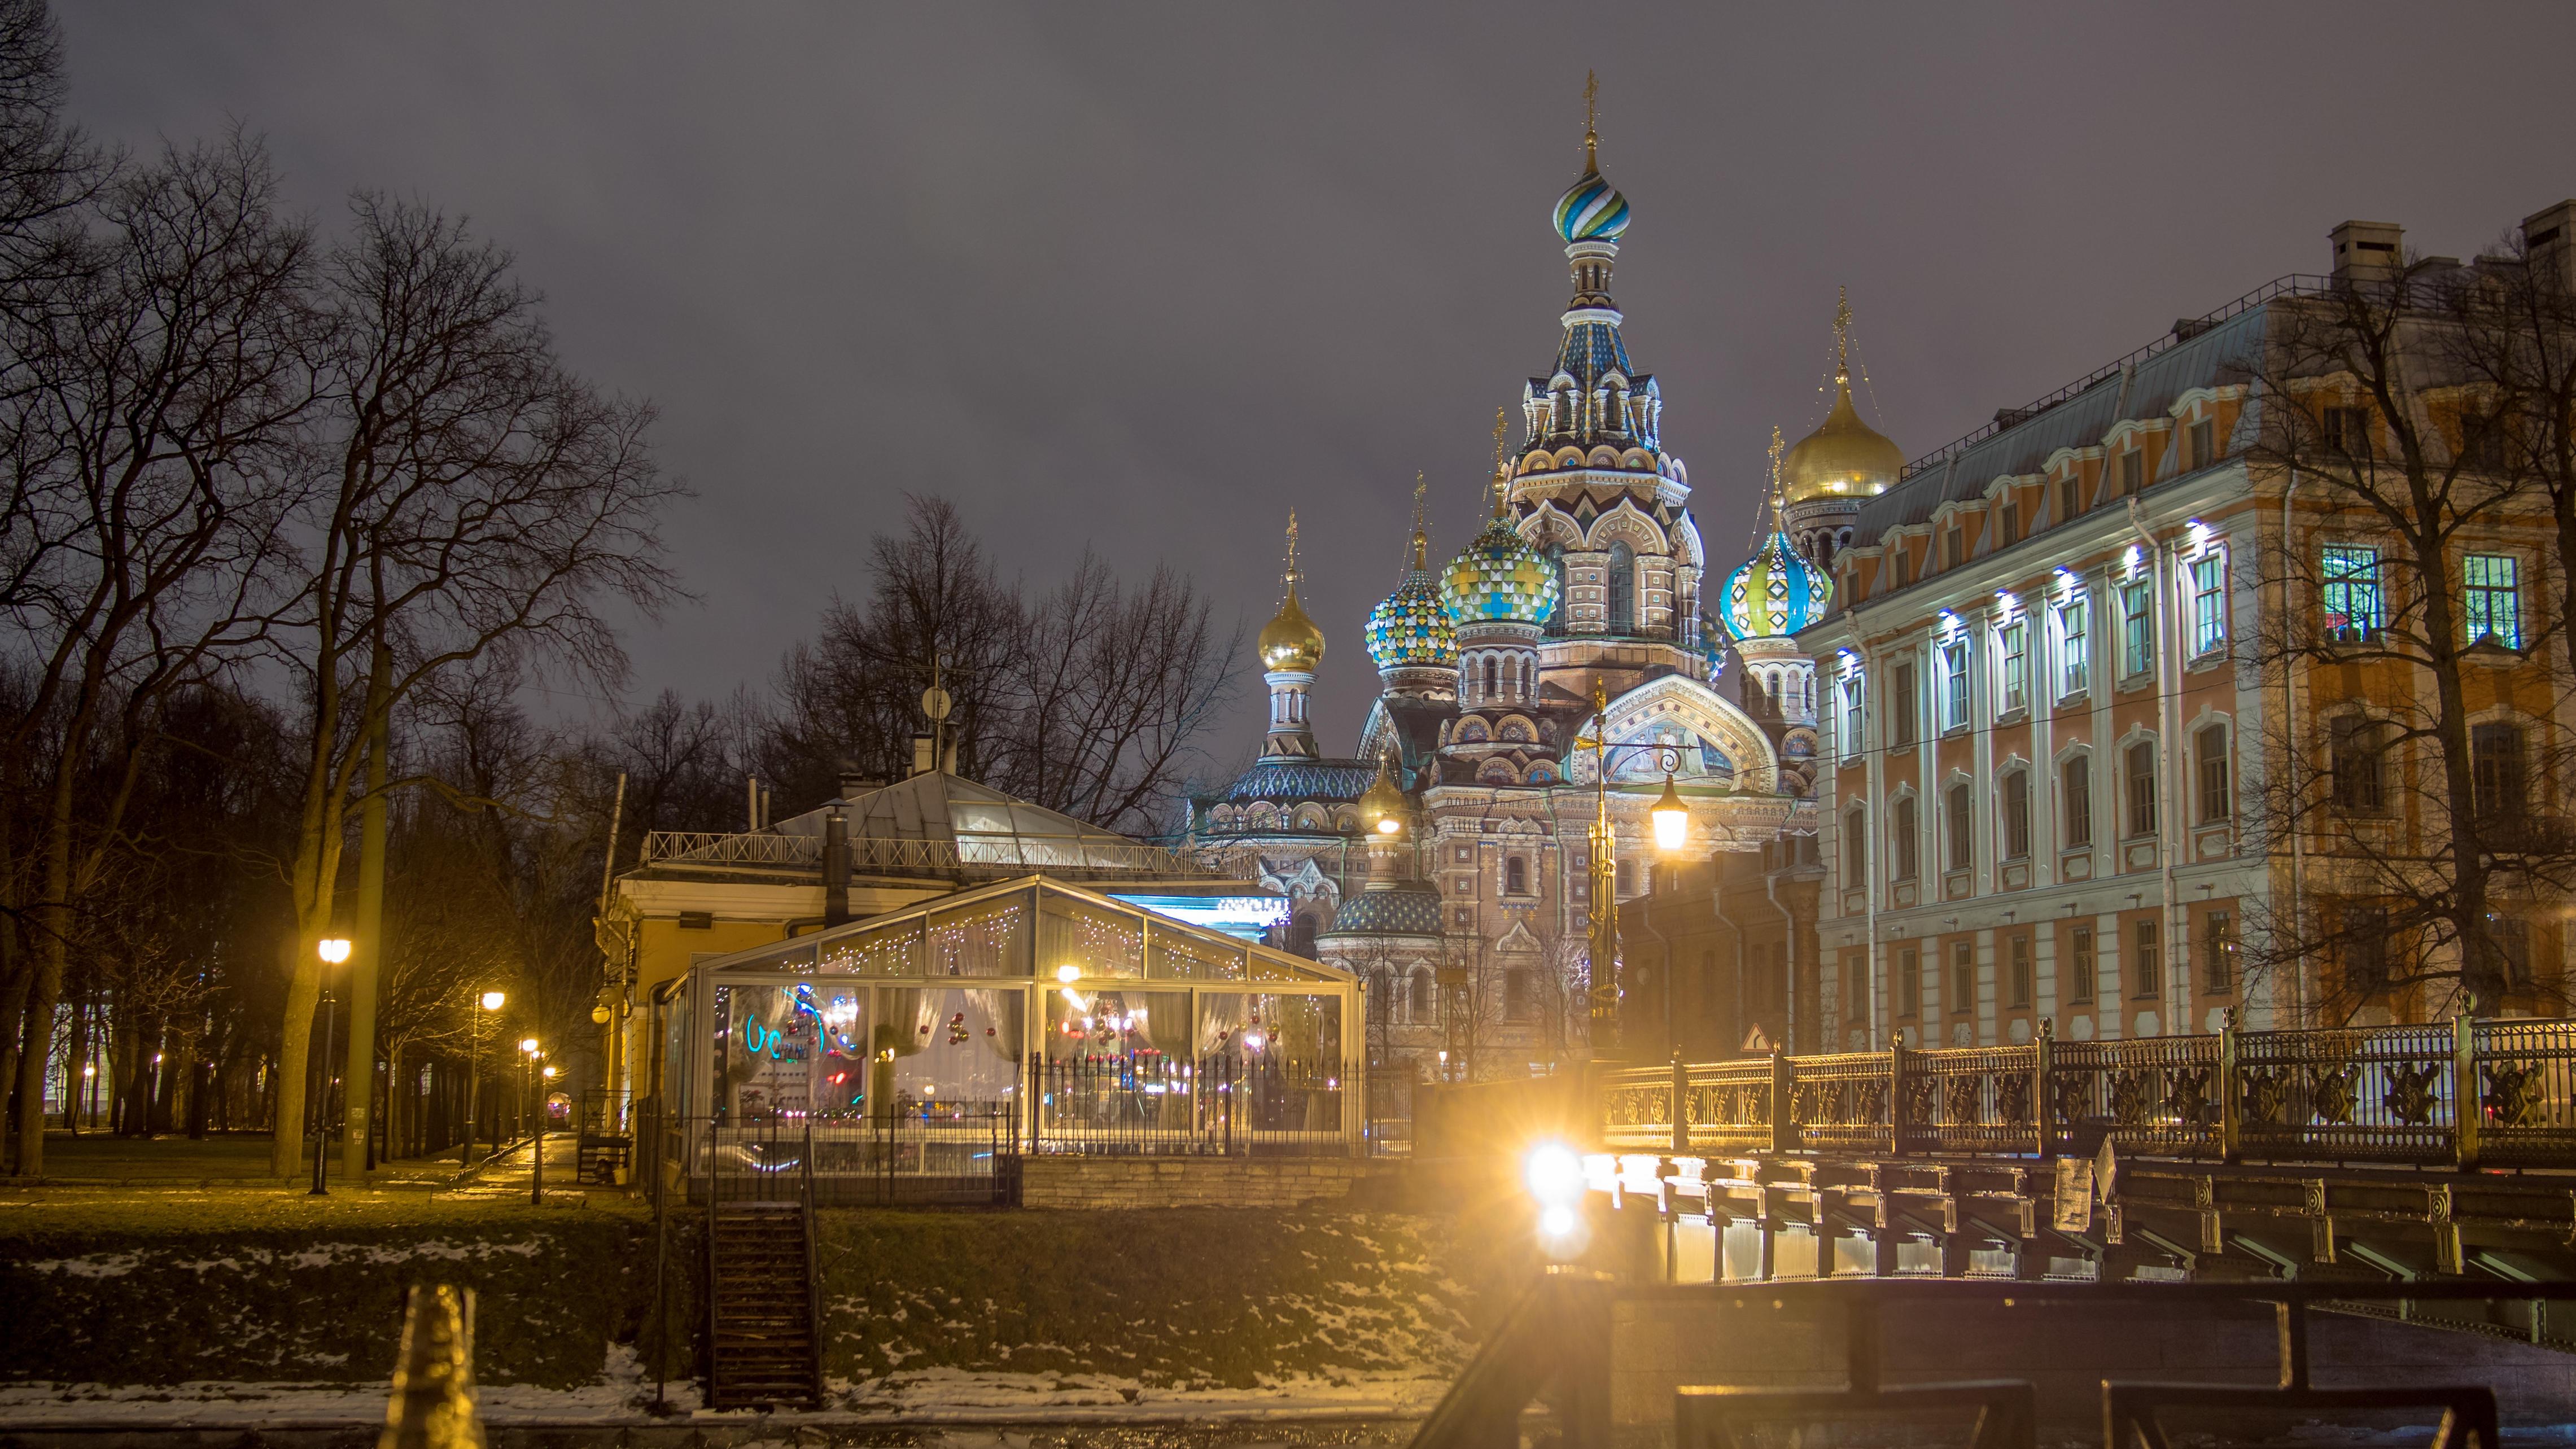 обои The Church of the Savior on Spilled Blood, St Petersburgh картинки фото